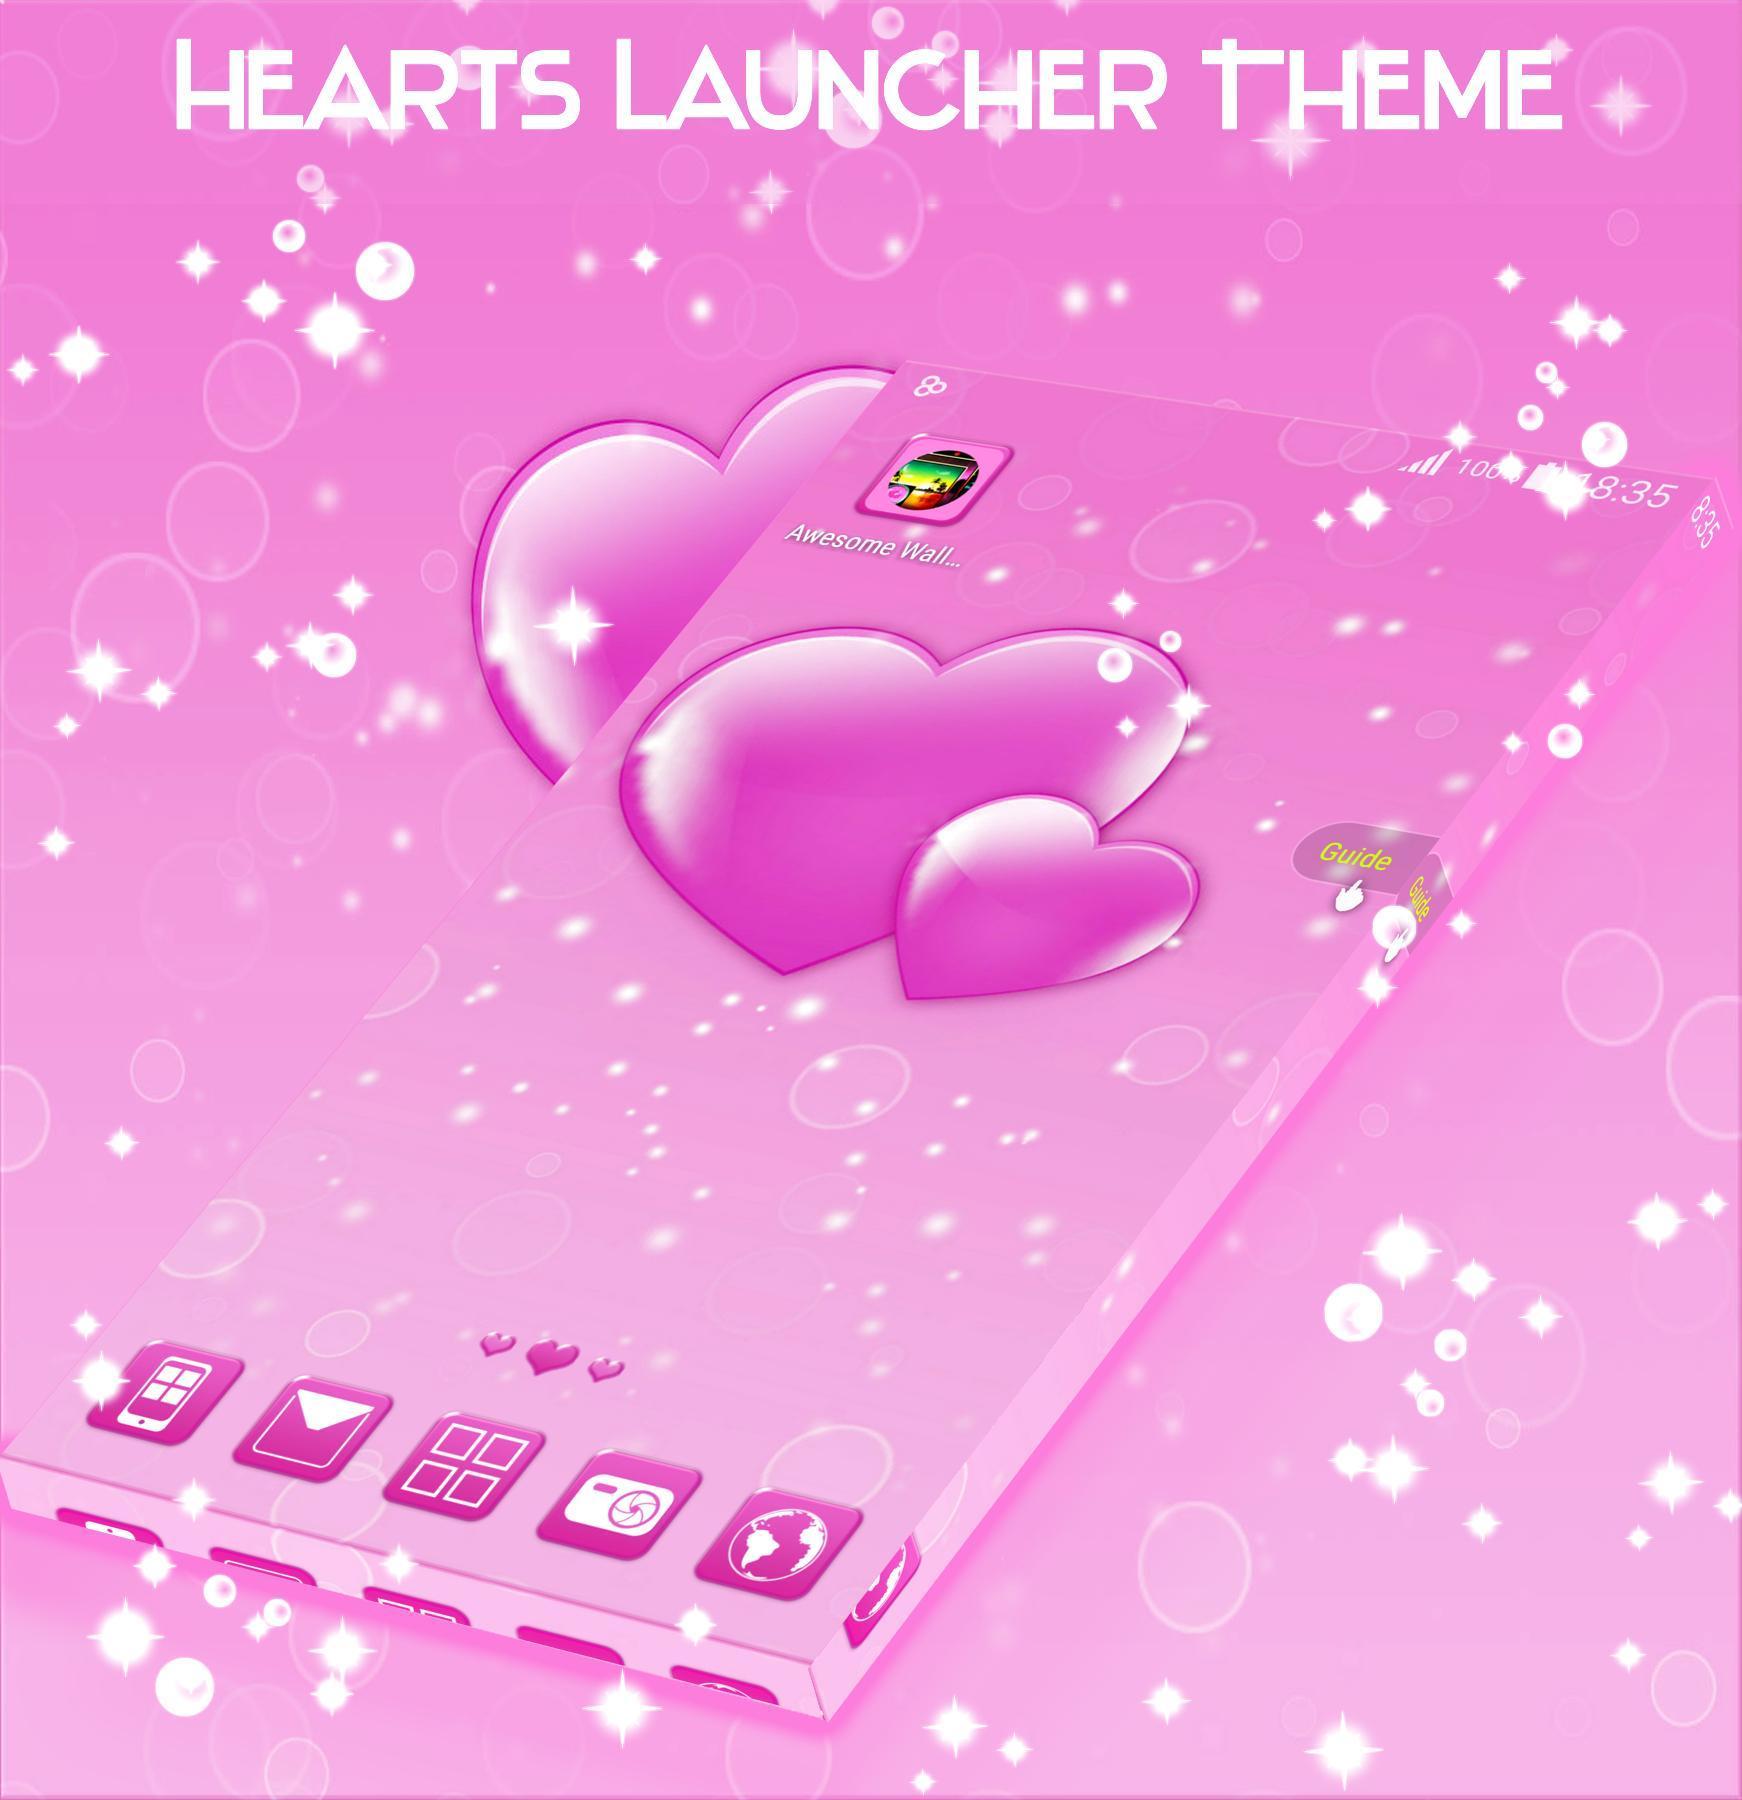 Hearts Launcher Theme screenshot 3